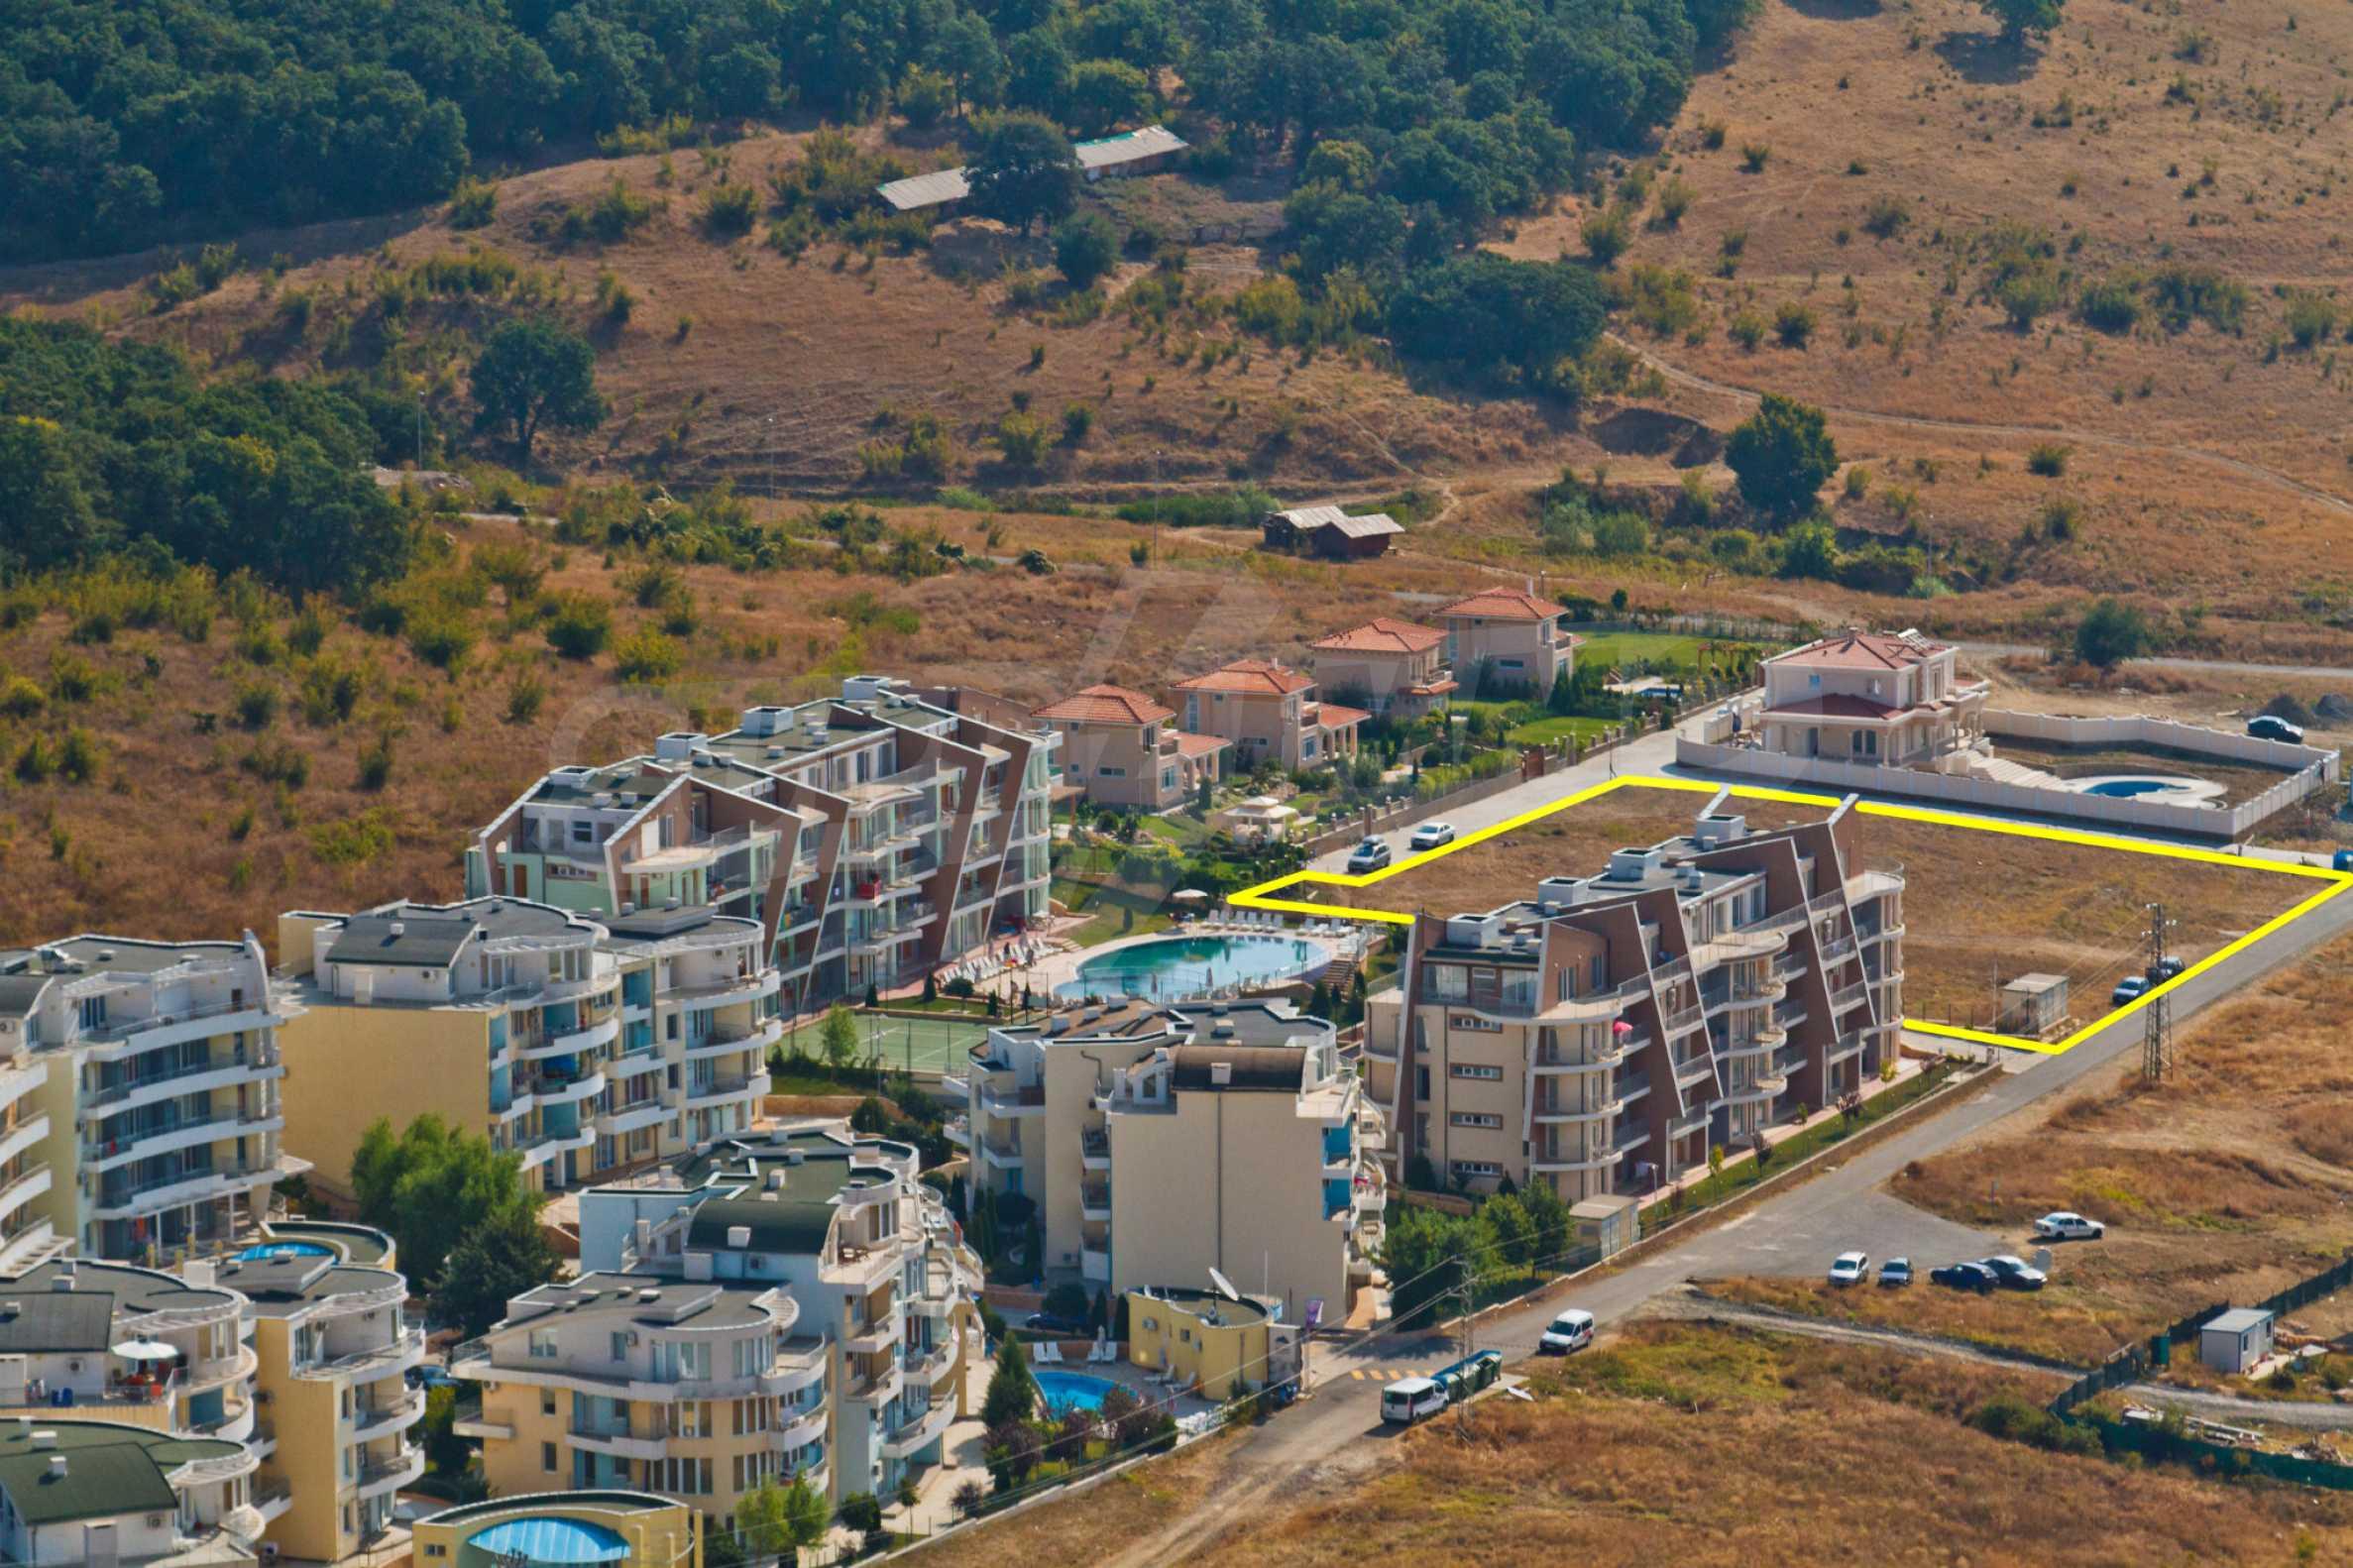 Erschlossene Grundstücke in der luxuriösen Villa-Siedlung SUNSET VILLAS 4